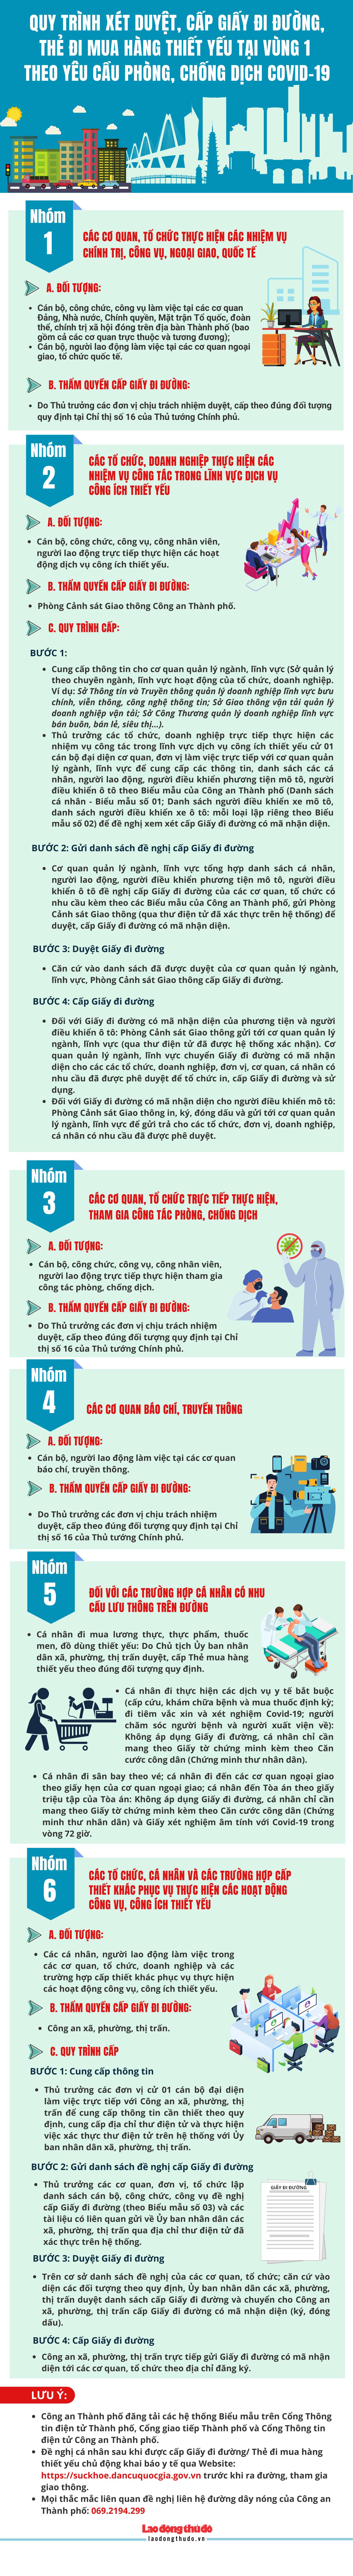 [Infographic] Quy trình xét duyệt, cấp Giấy đi đường, Thẻ đi mua hàng thiết yếu tại Vùng đỏ theo yêu cầu phòng, chống dịch Covid-19